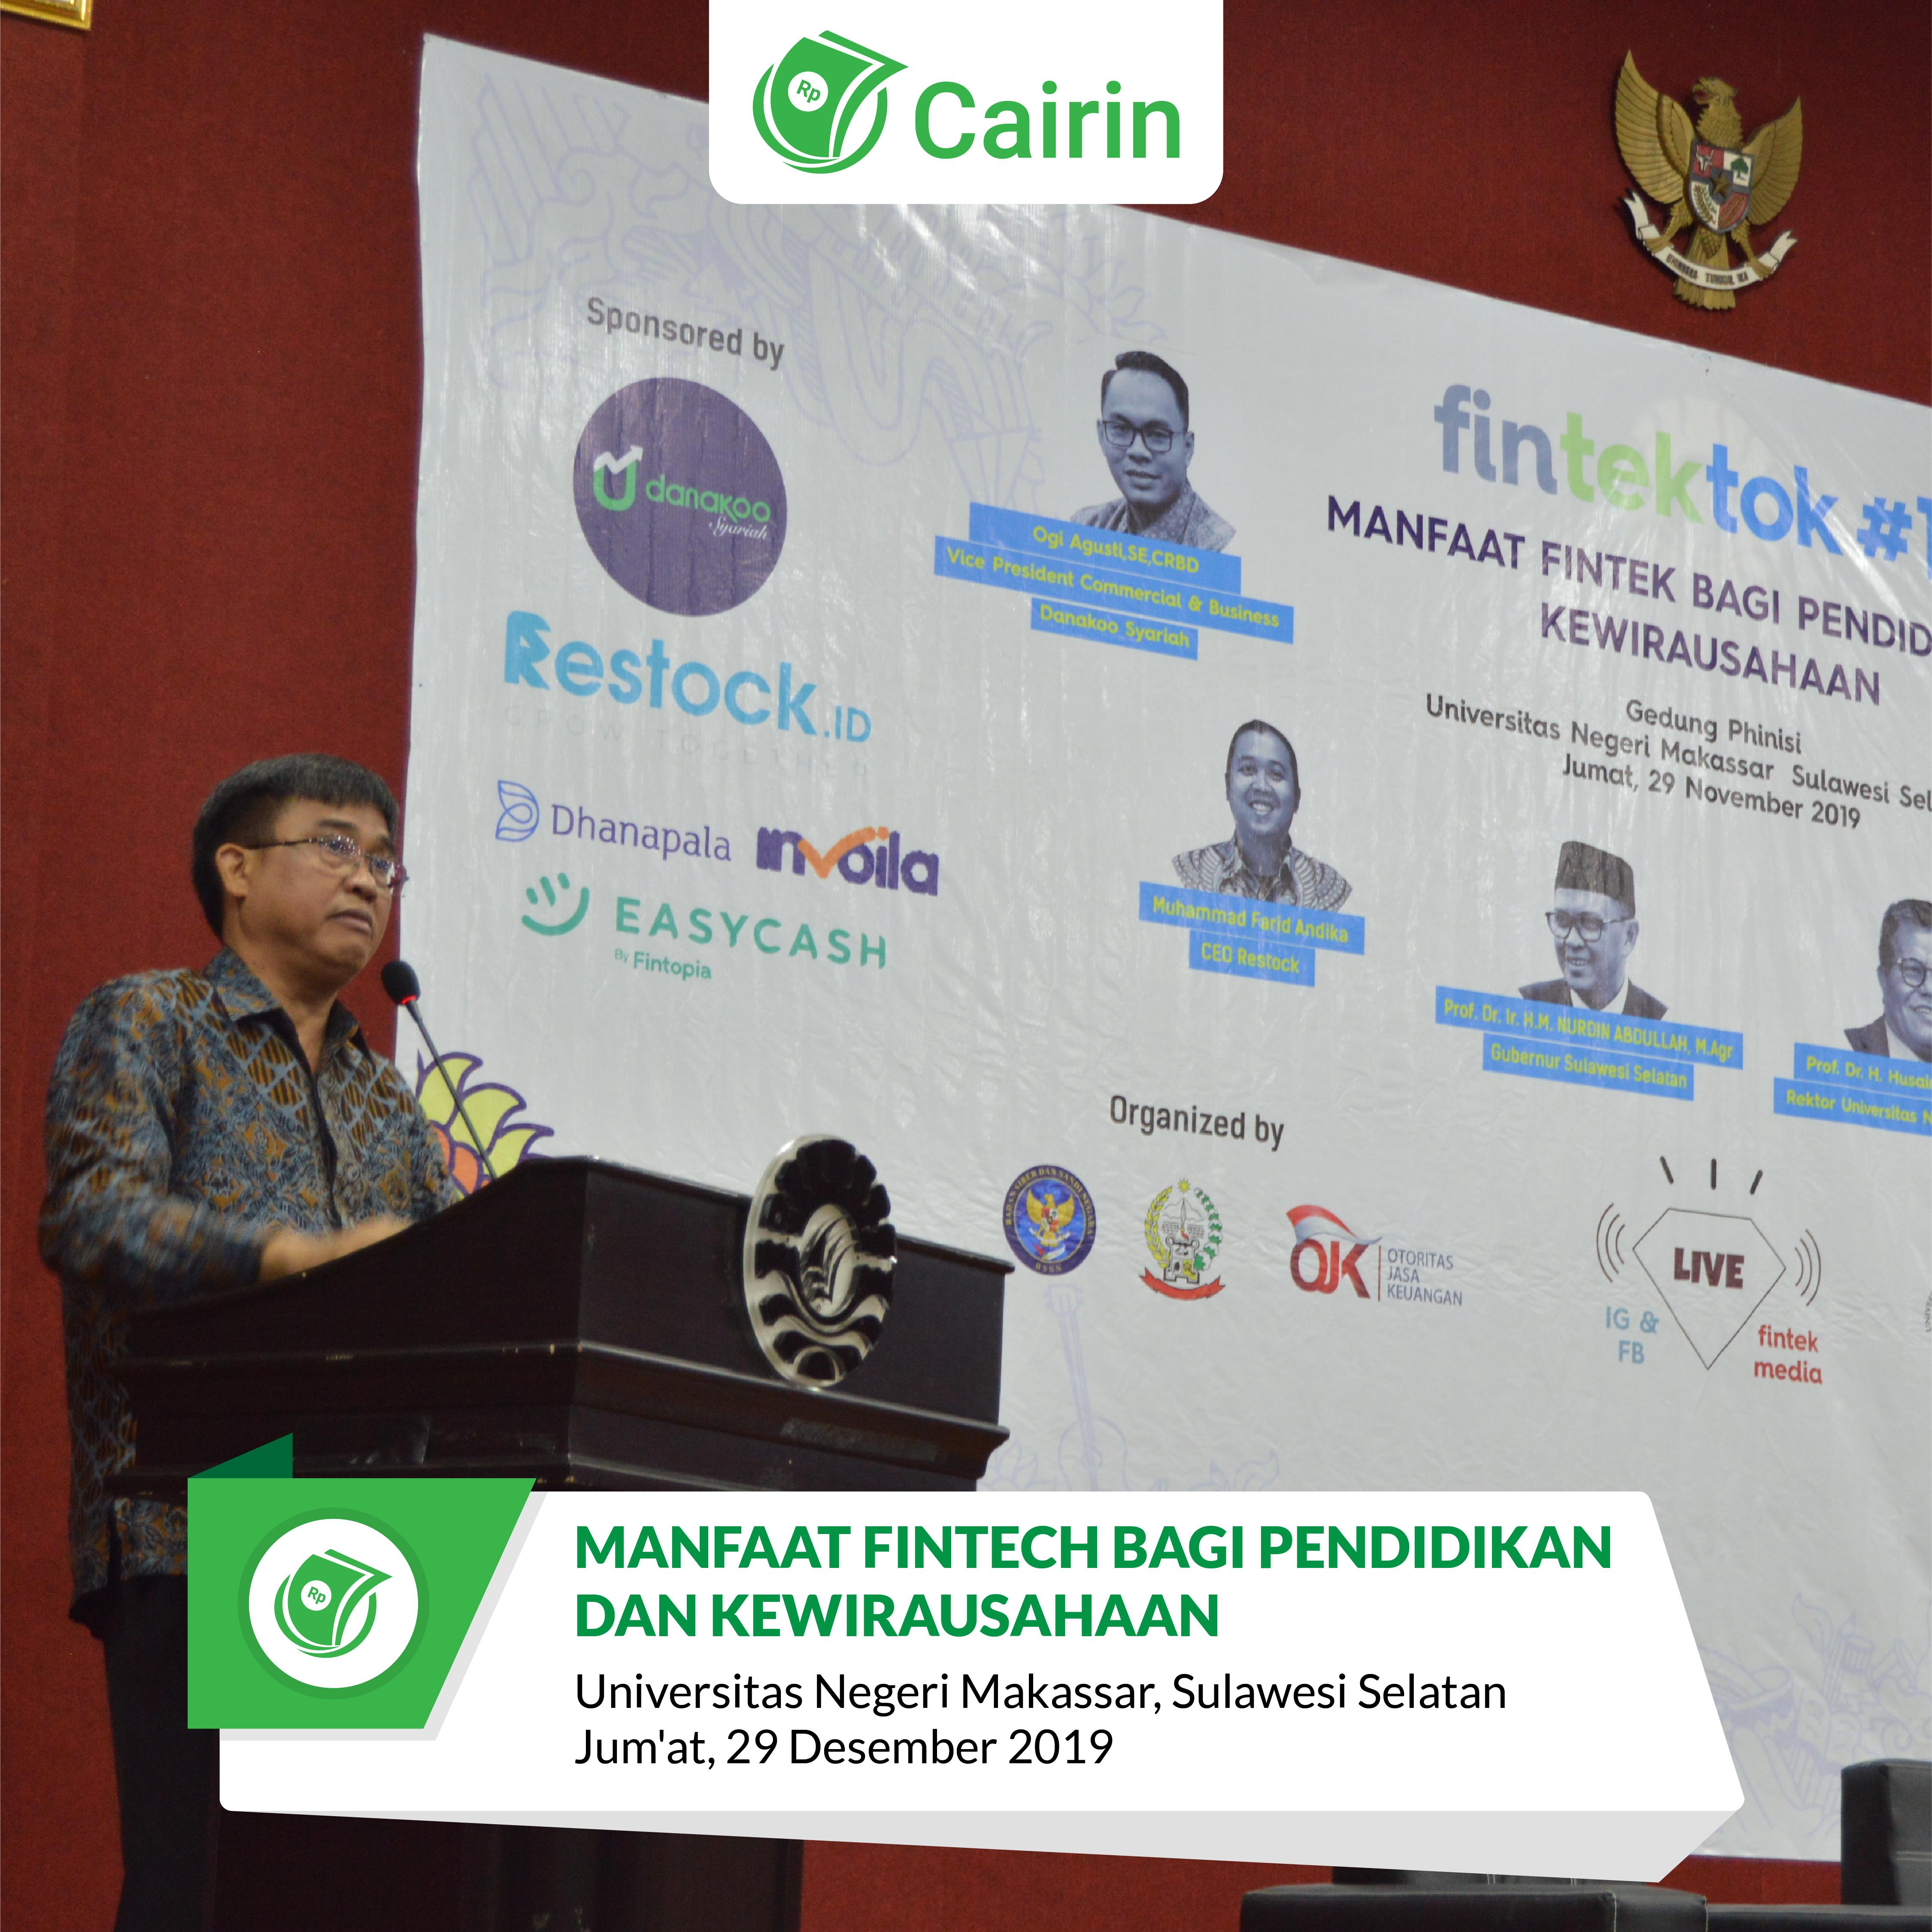 Seminar Manfaat Fintech Untuk Pendidikan dan Kewirausahaan